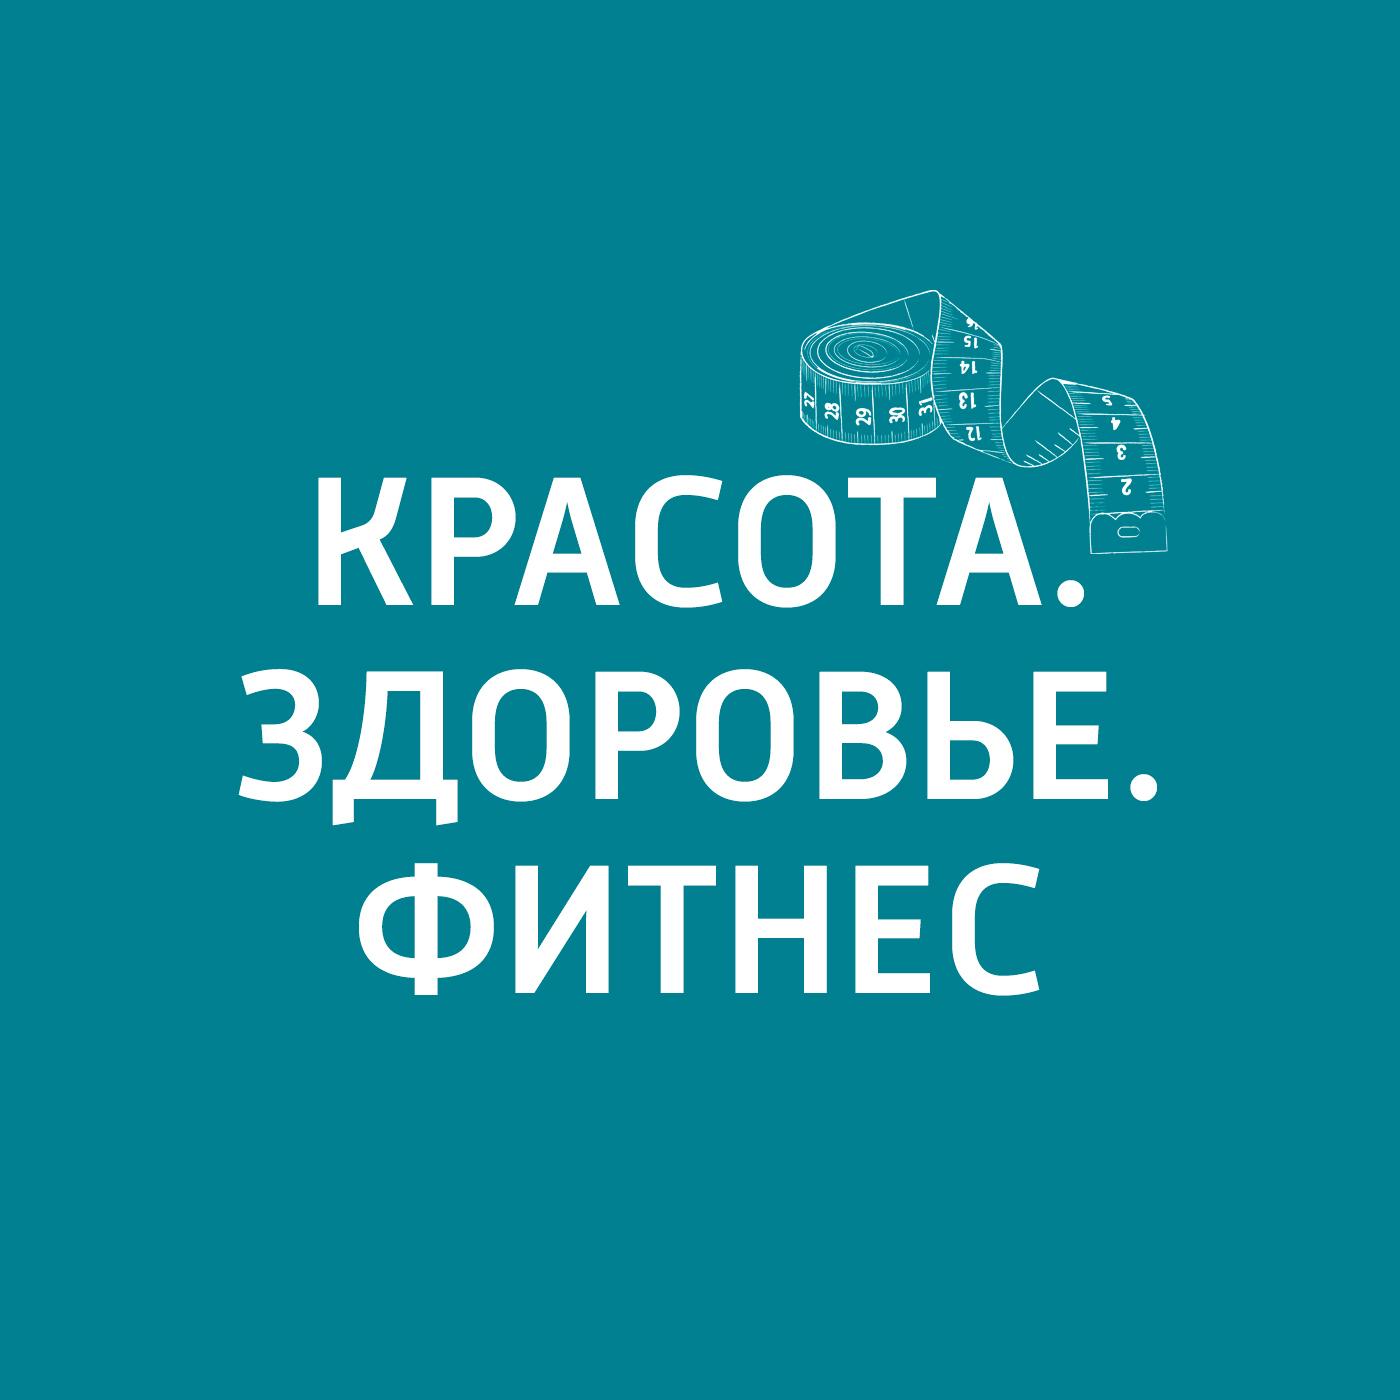 Маргарита Митрофанова Фастфуд и здоровая пища памплона роджер дж здоровая пища